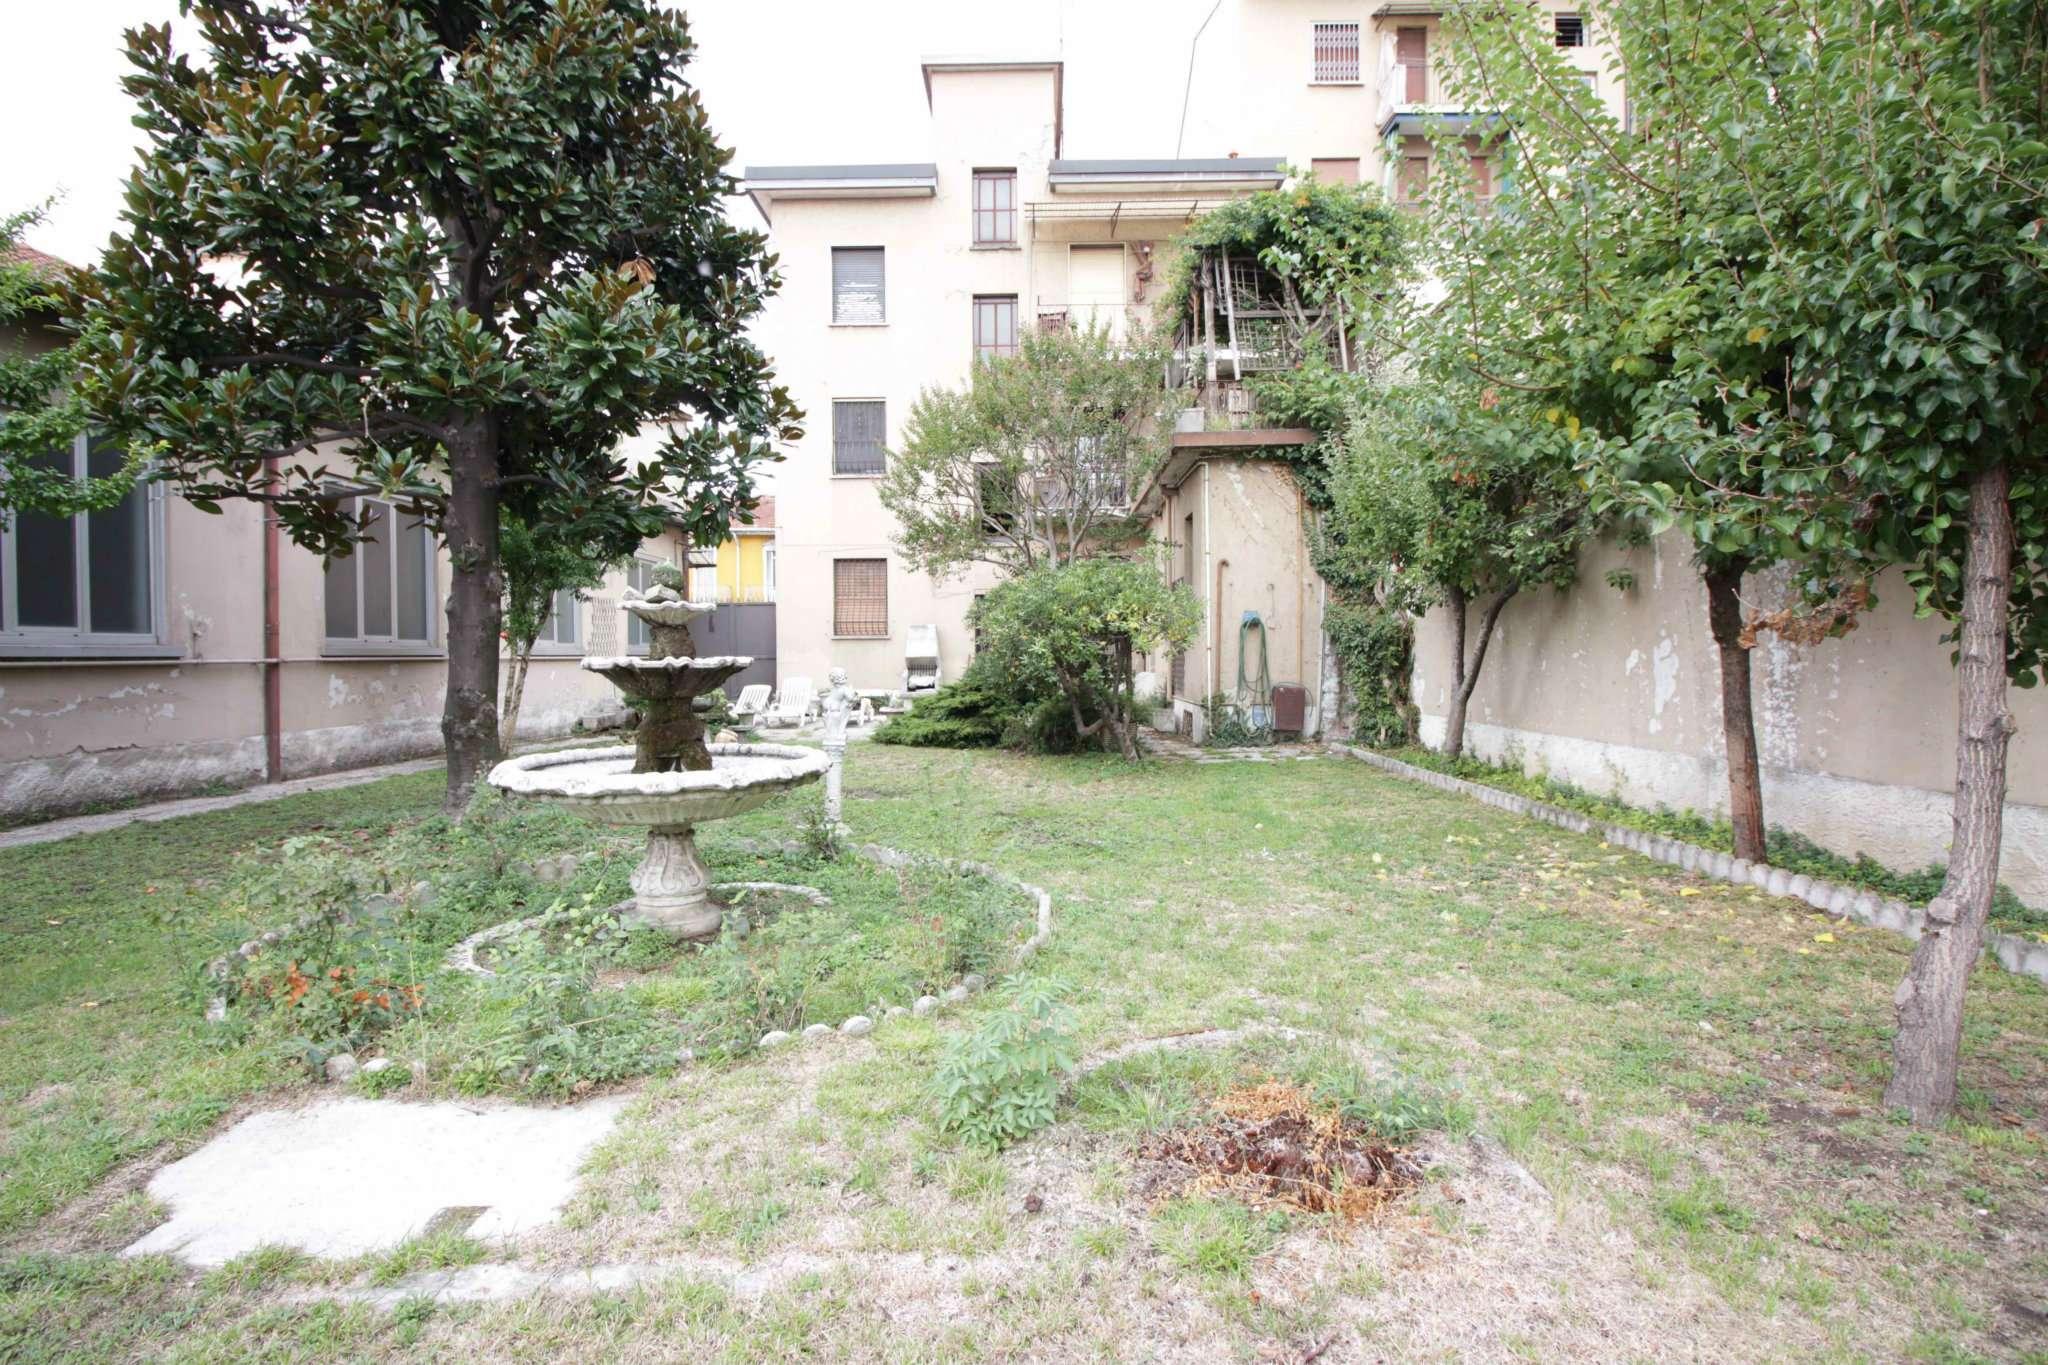 VENDITE Rustici e Case Milano 4336498